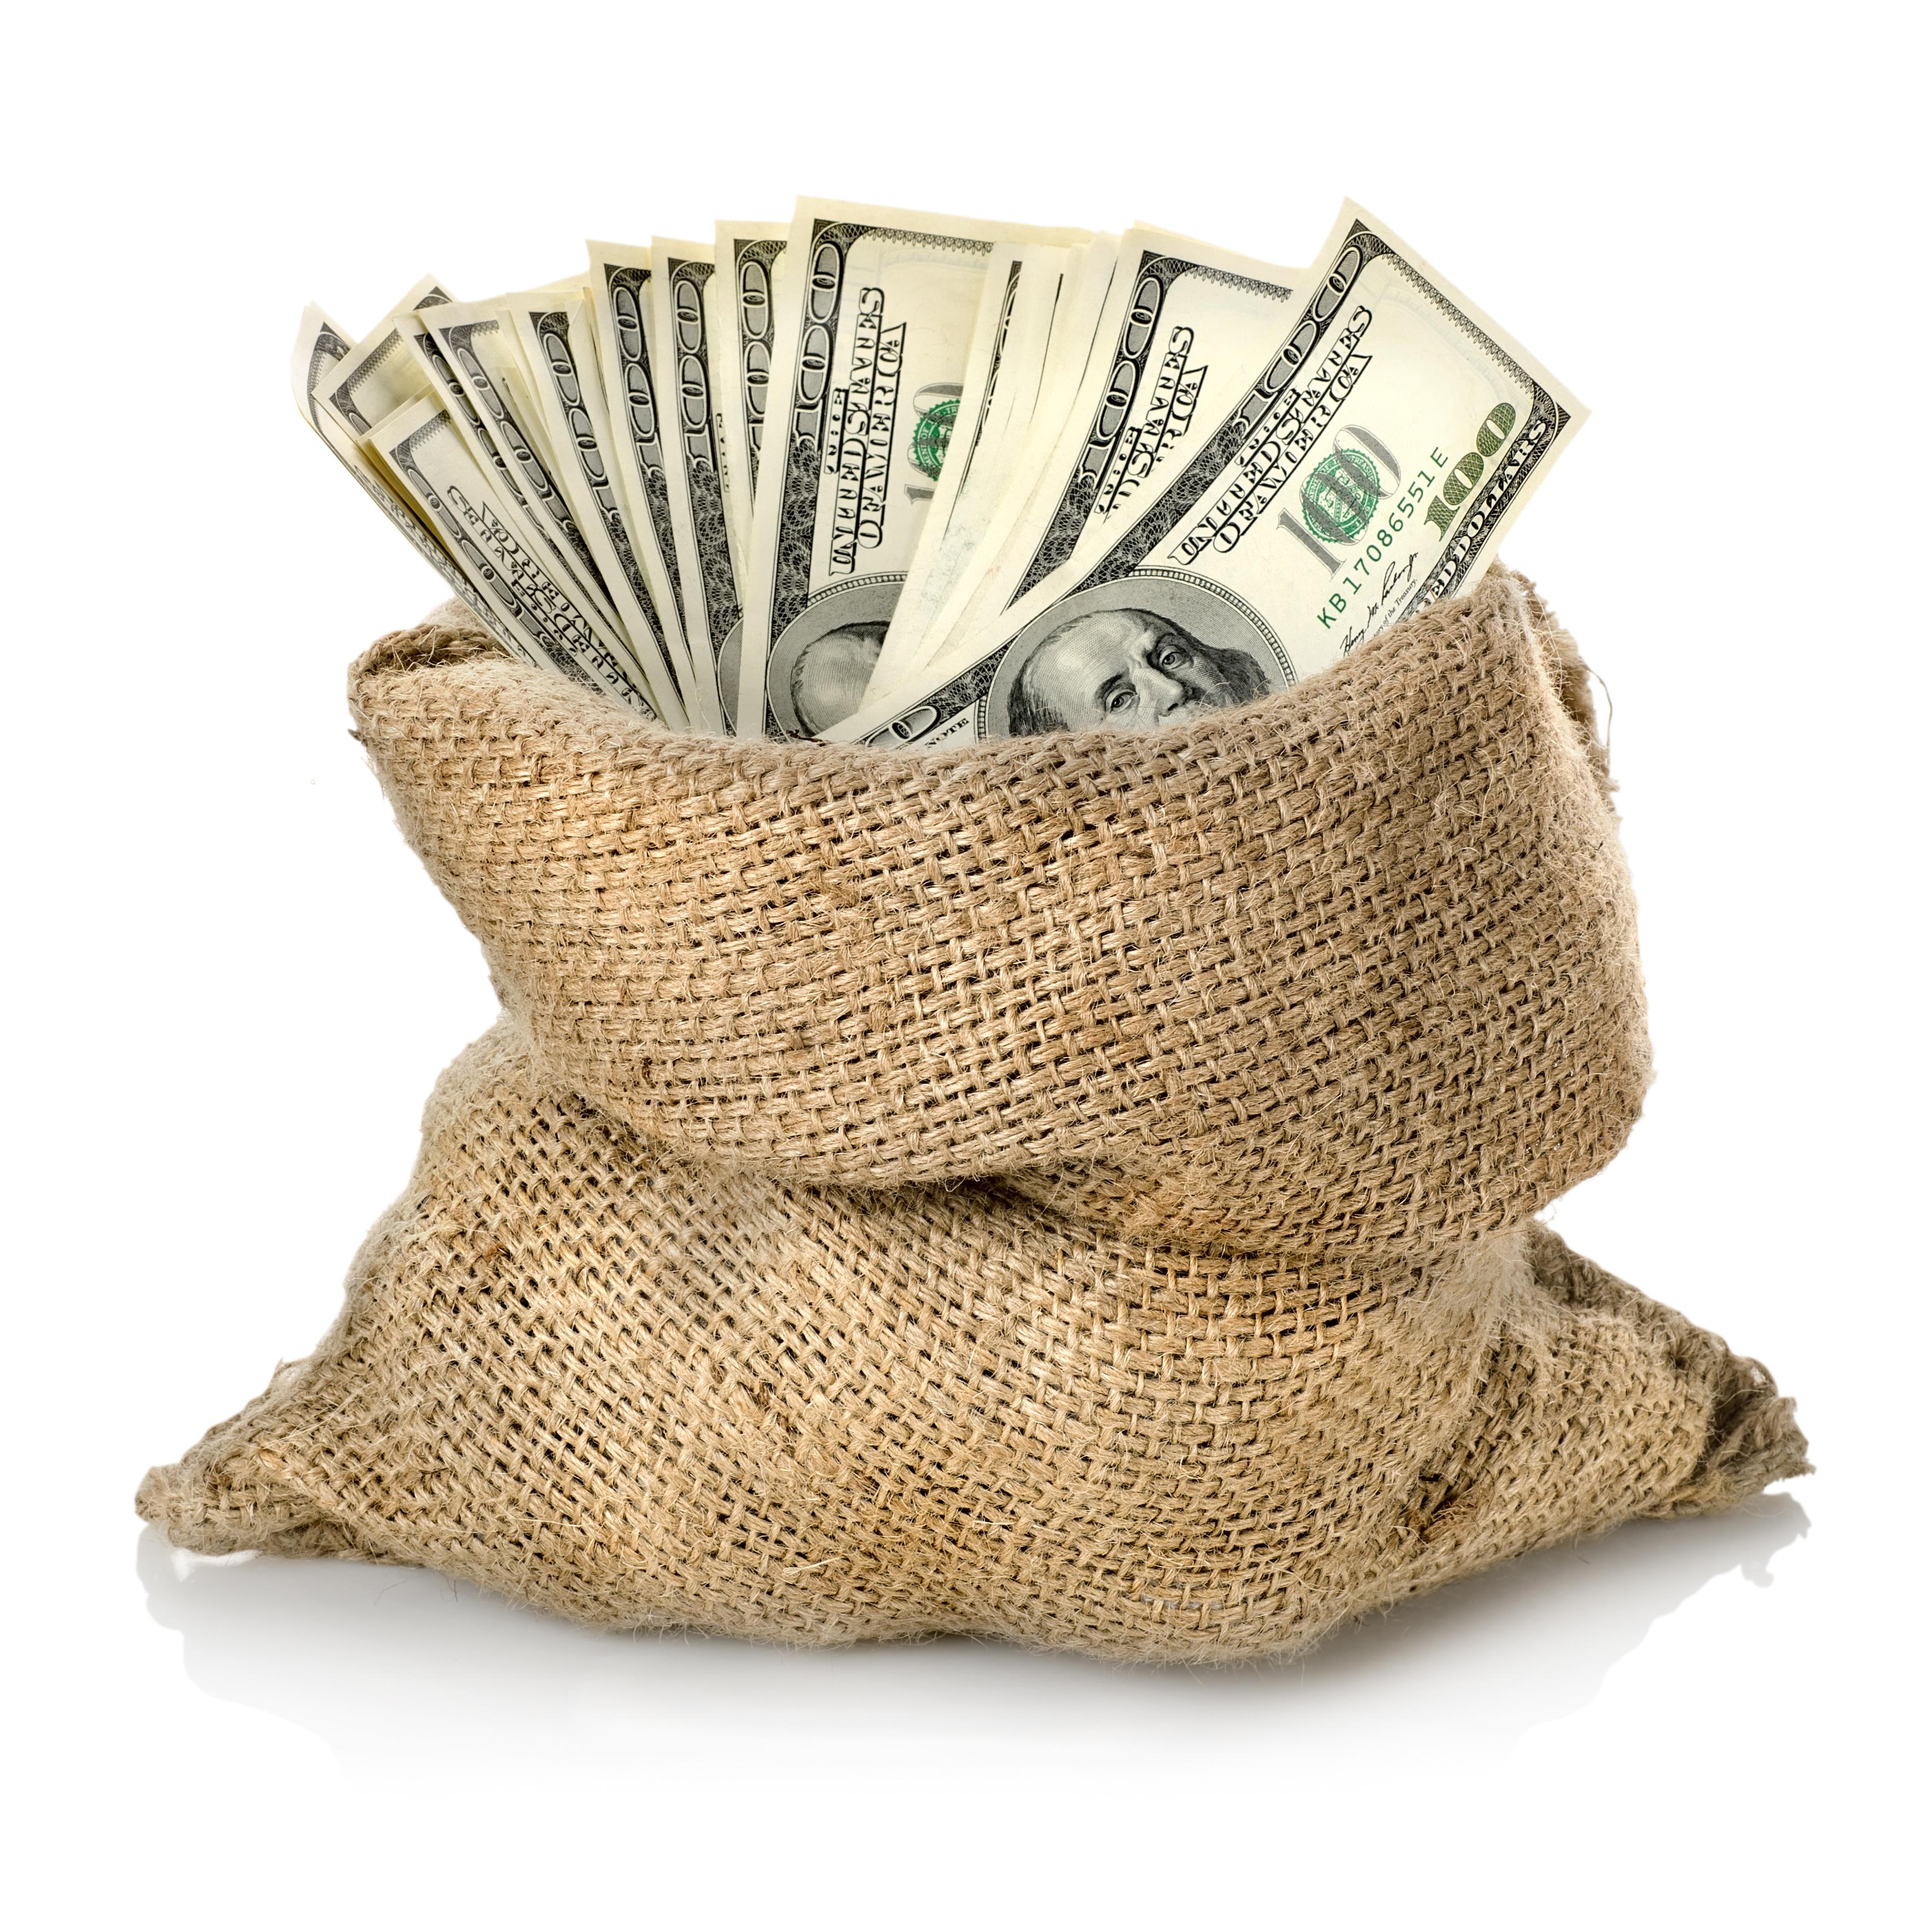 Фото с деньгами в руках